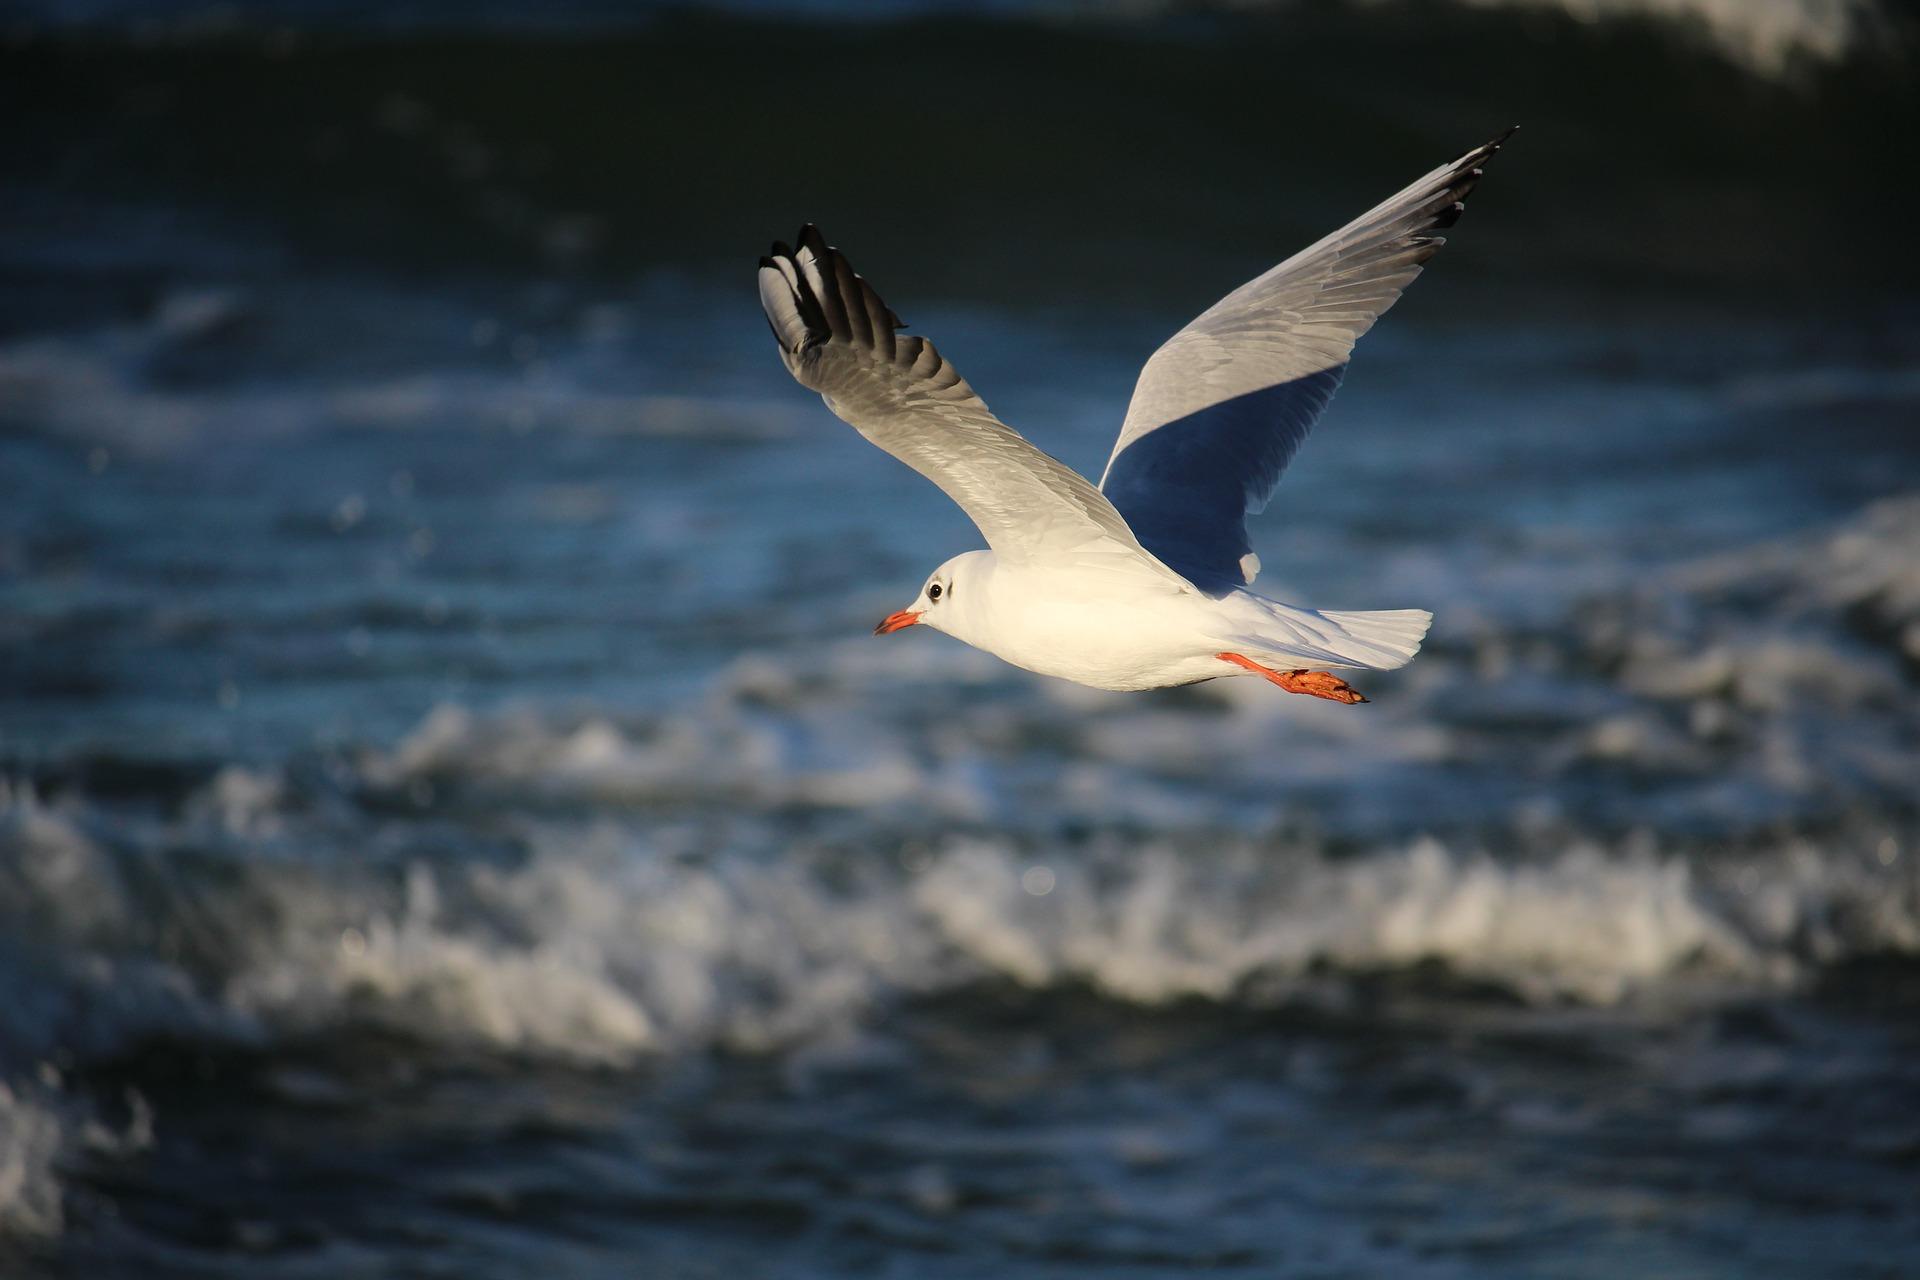 таких фото летящих чаек над морем мелководная бухта